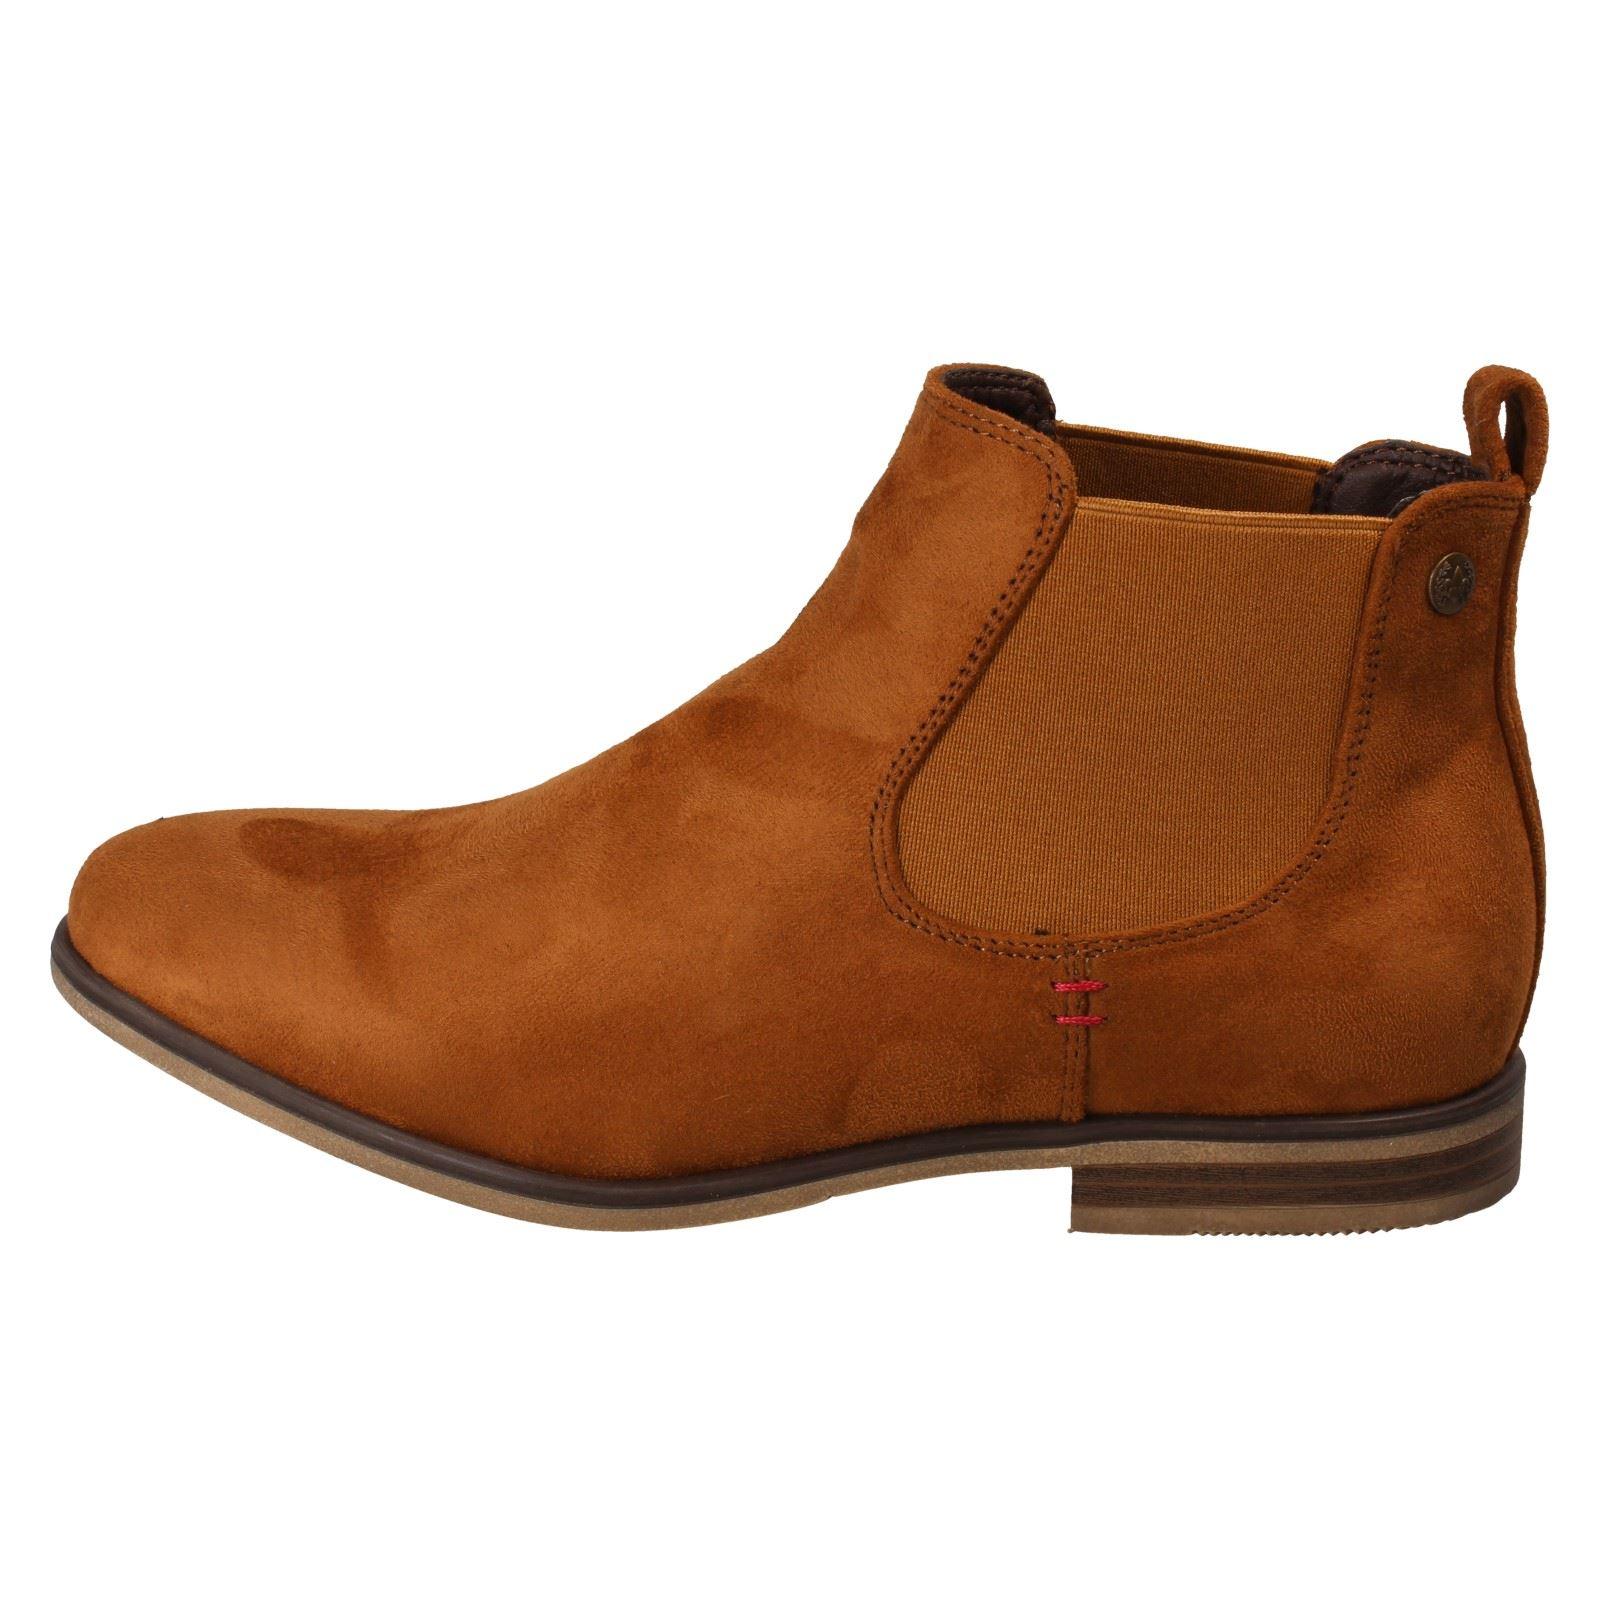 Details zu Ladies Rieker 90064 Chelsea Boots